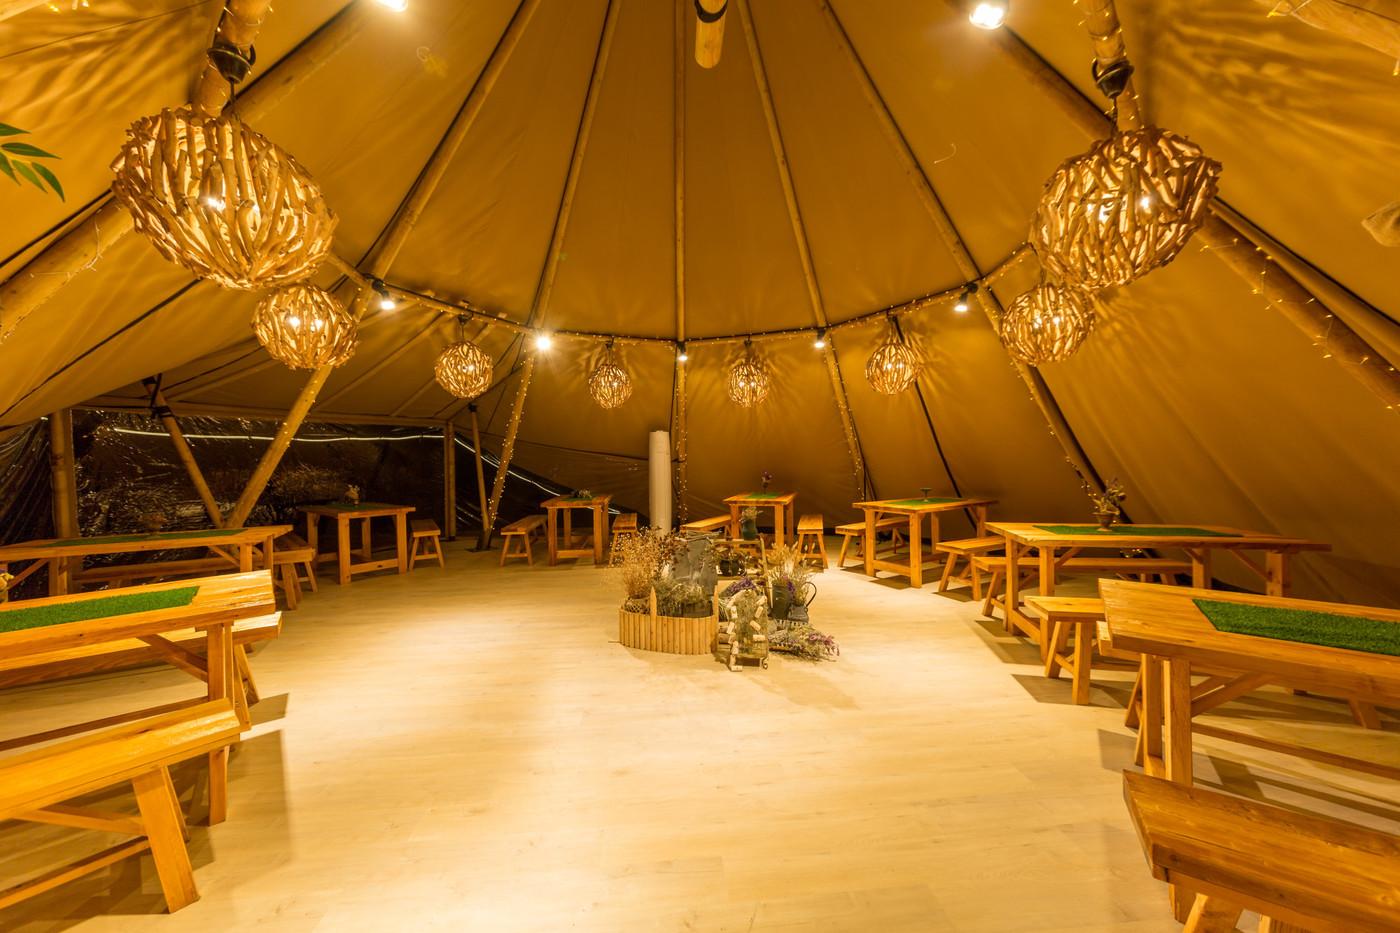 喜马拉雅印第安多功能大厅—淮安白马湖生态旅游度假区37